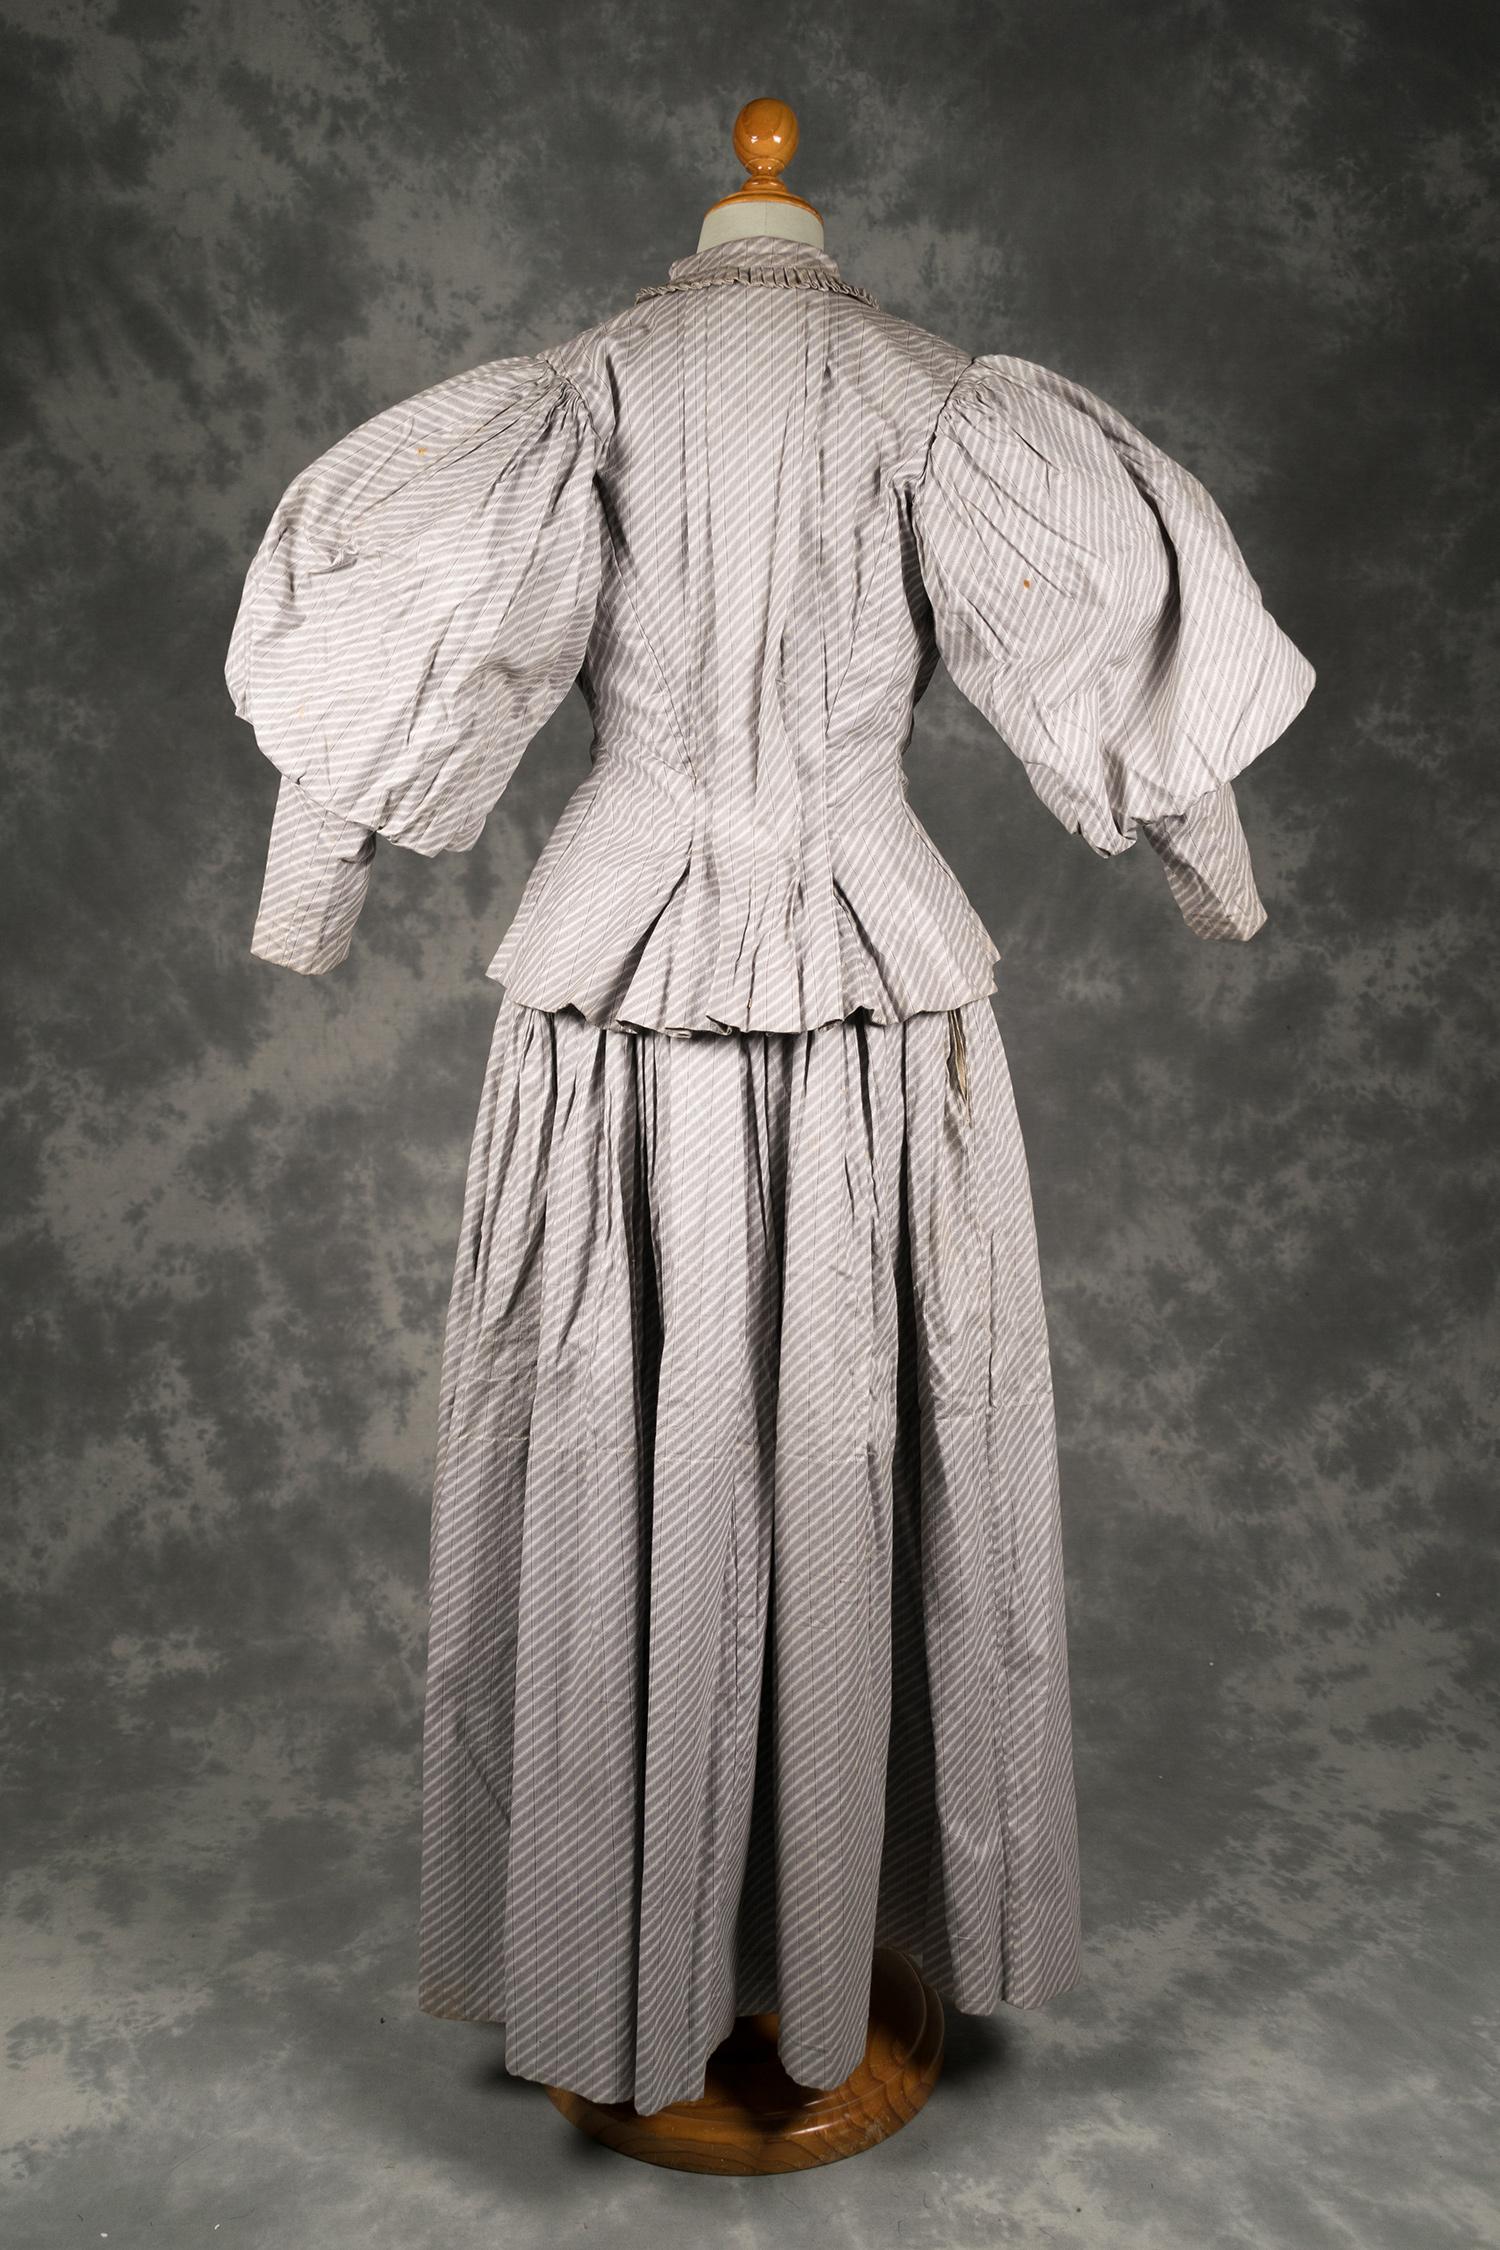 Virtual La Catalunya Falda Cuerpo Museu Conjunto Rayas Algodón Y A De Grises Moda Blancas xRcnP6OZc